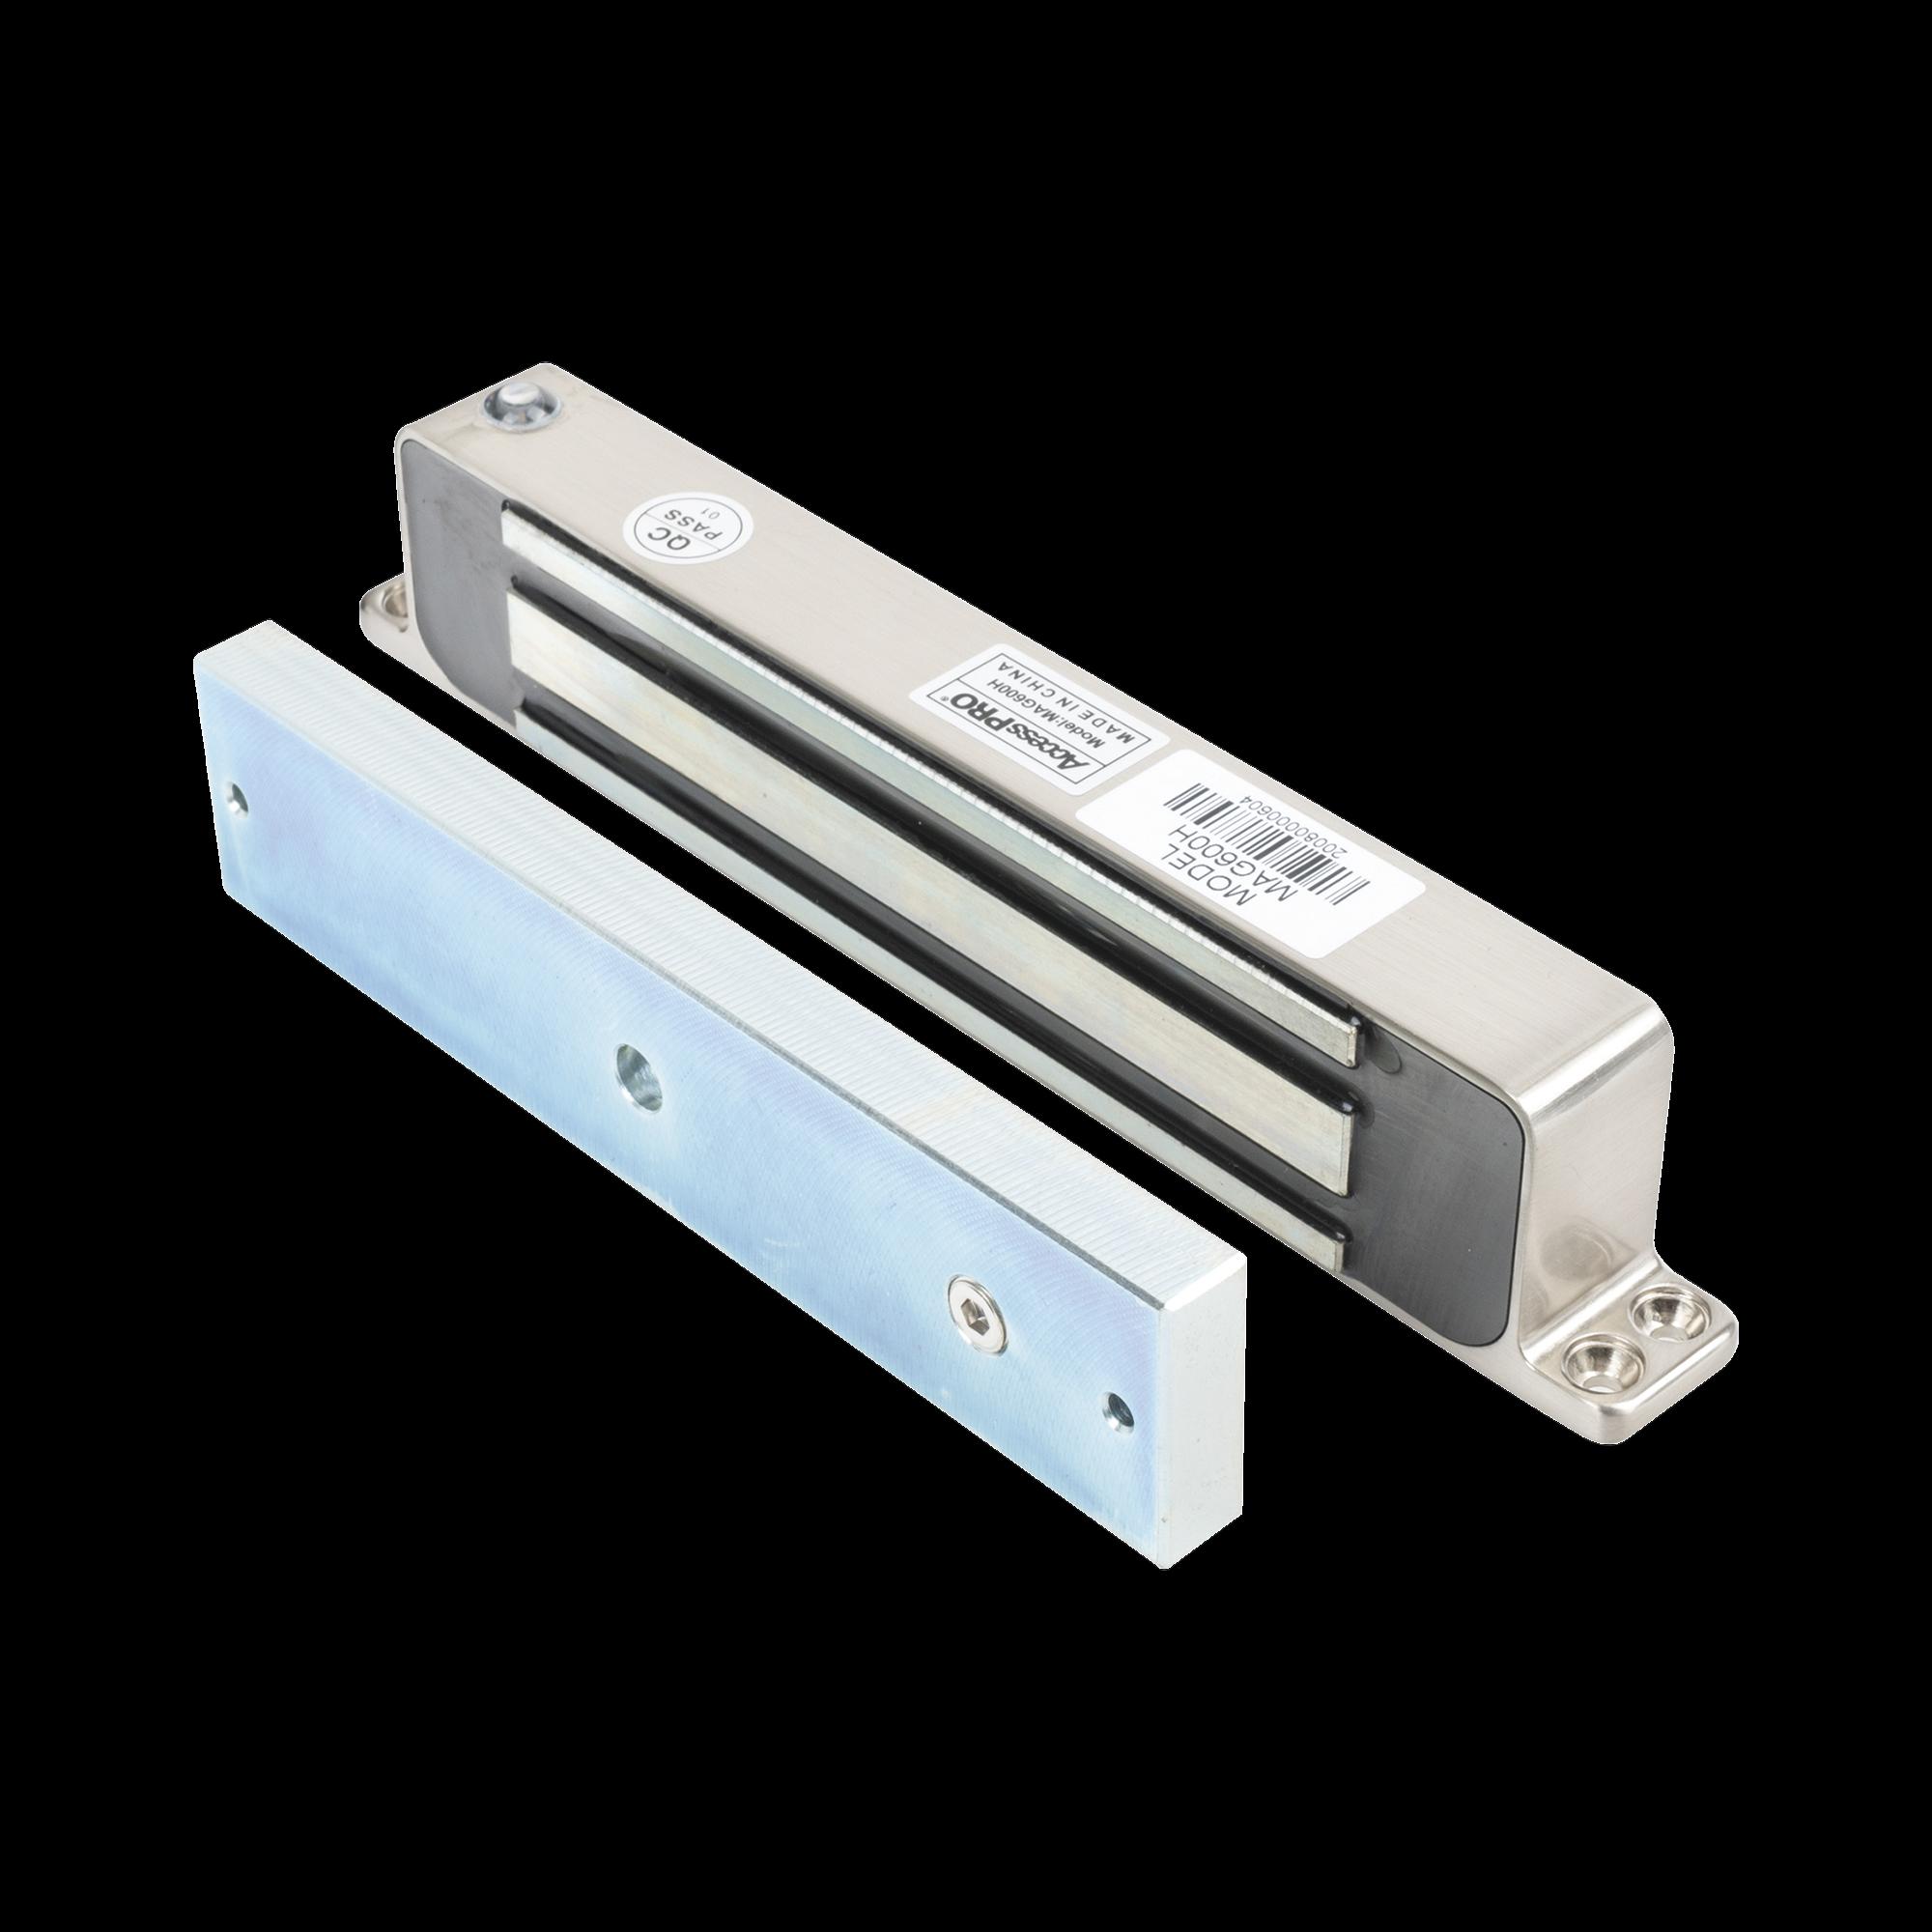 Chapa magnetica para exterior de montaje superficial